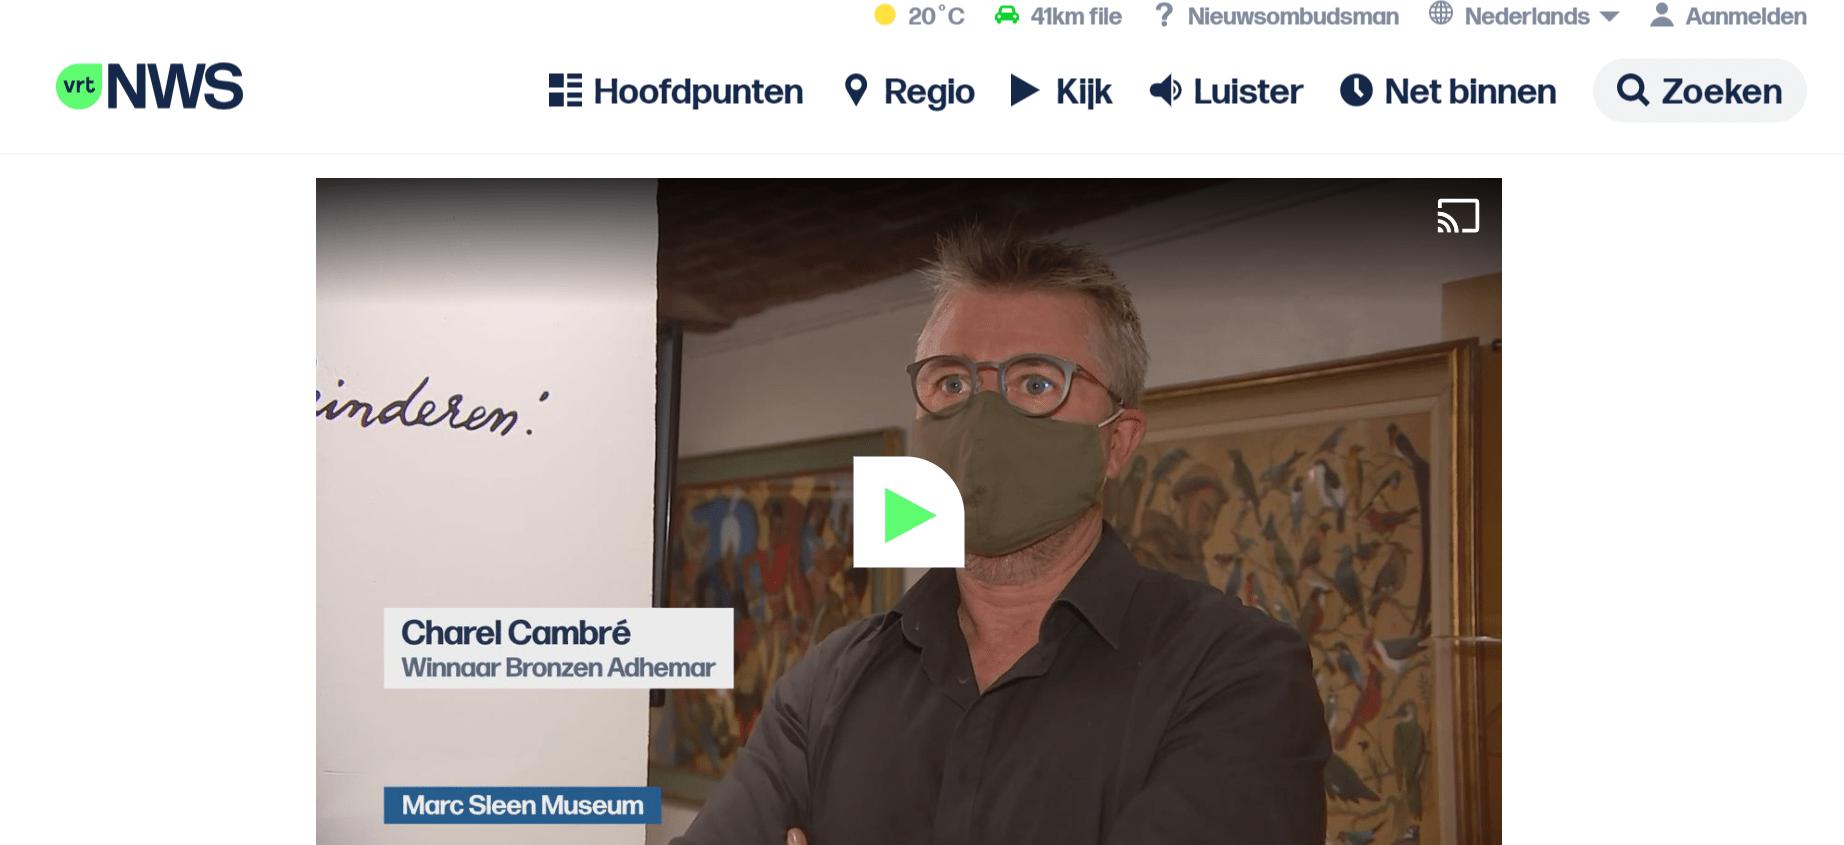 Screenshot VRT-journaal